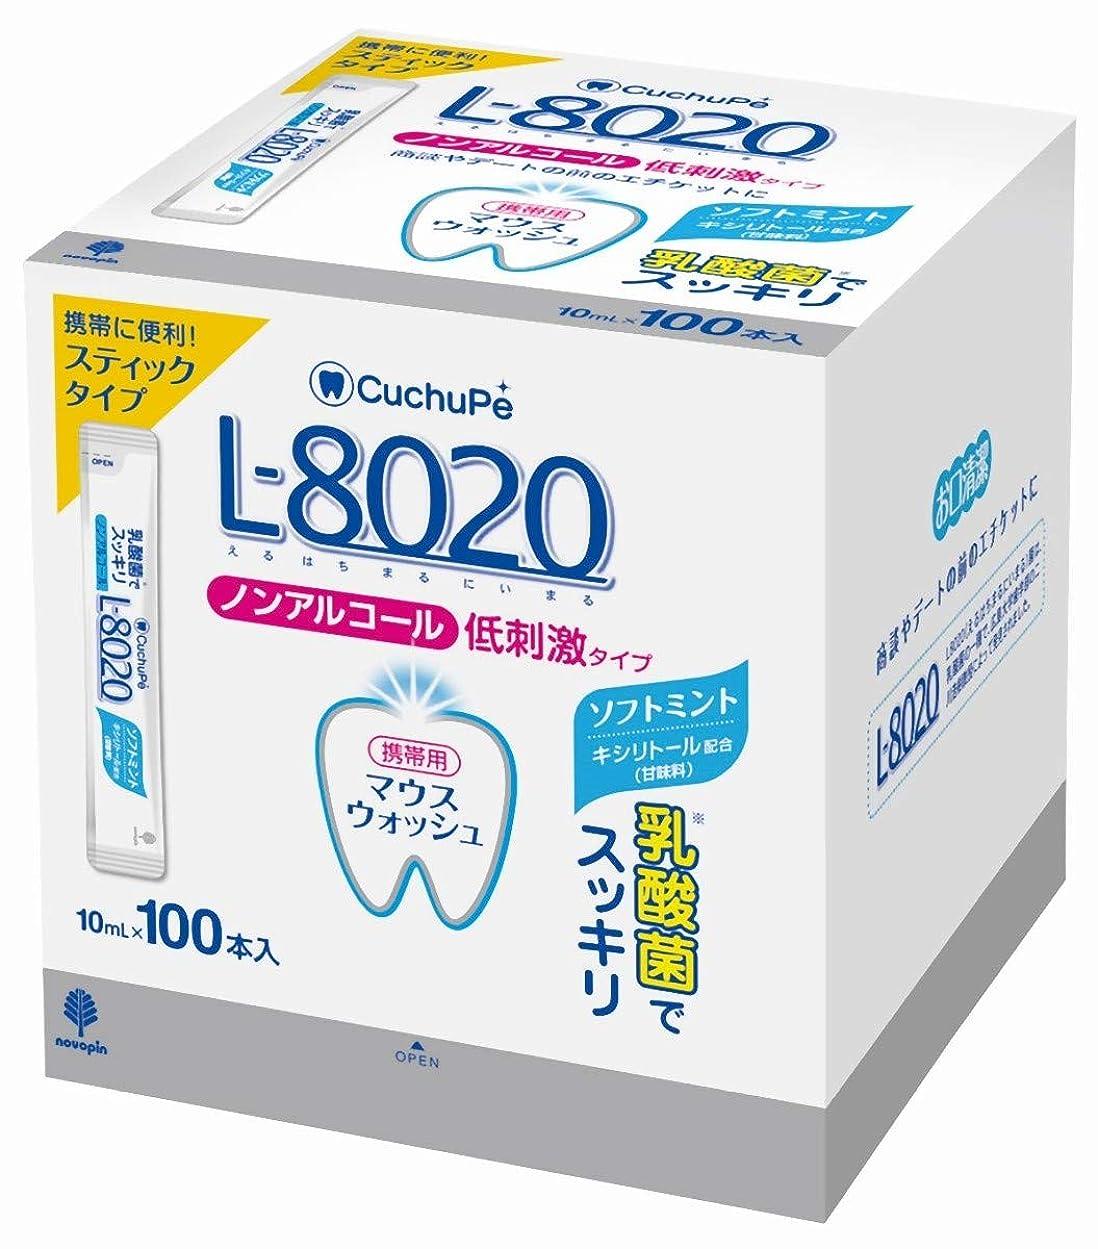 おんどりグローブ天井日本製 made in japan クチュッペL-8020 ソフトミント スティックタイプ100本入(ノンアルコール) K-7092【まとめ買い10個セット】